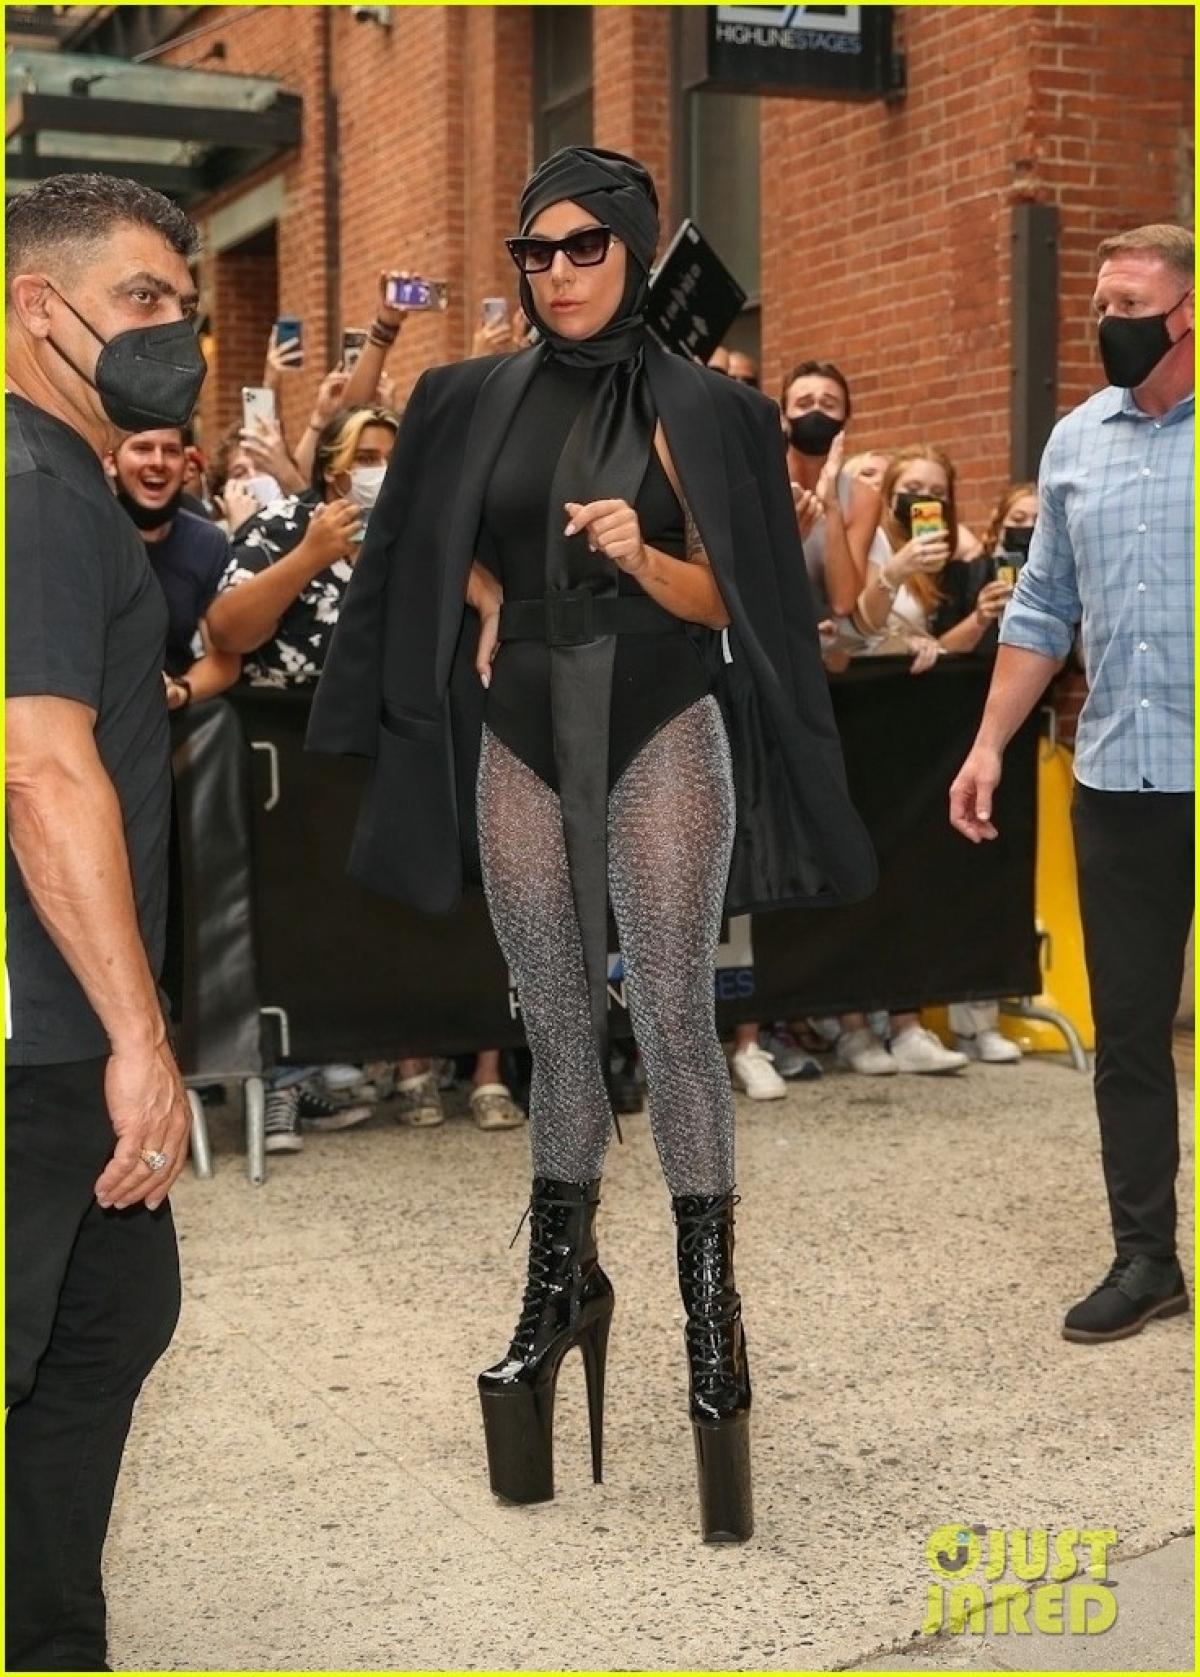 Sự xuất hiện của Lady Gaga nhận được sự quan tâm của đông đảo người hâm mộ.